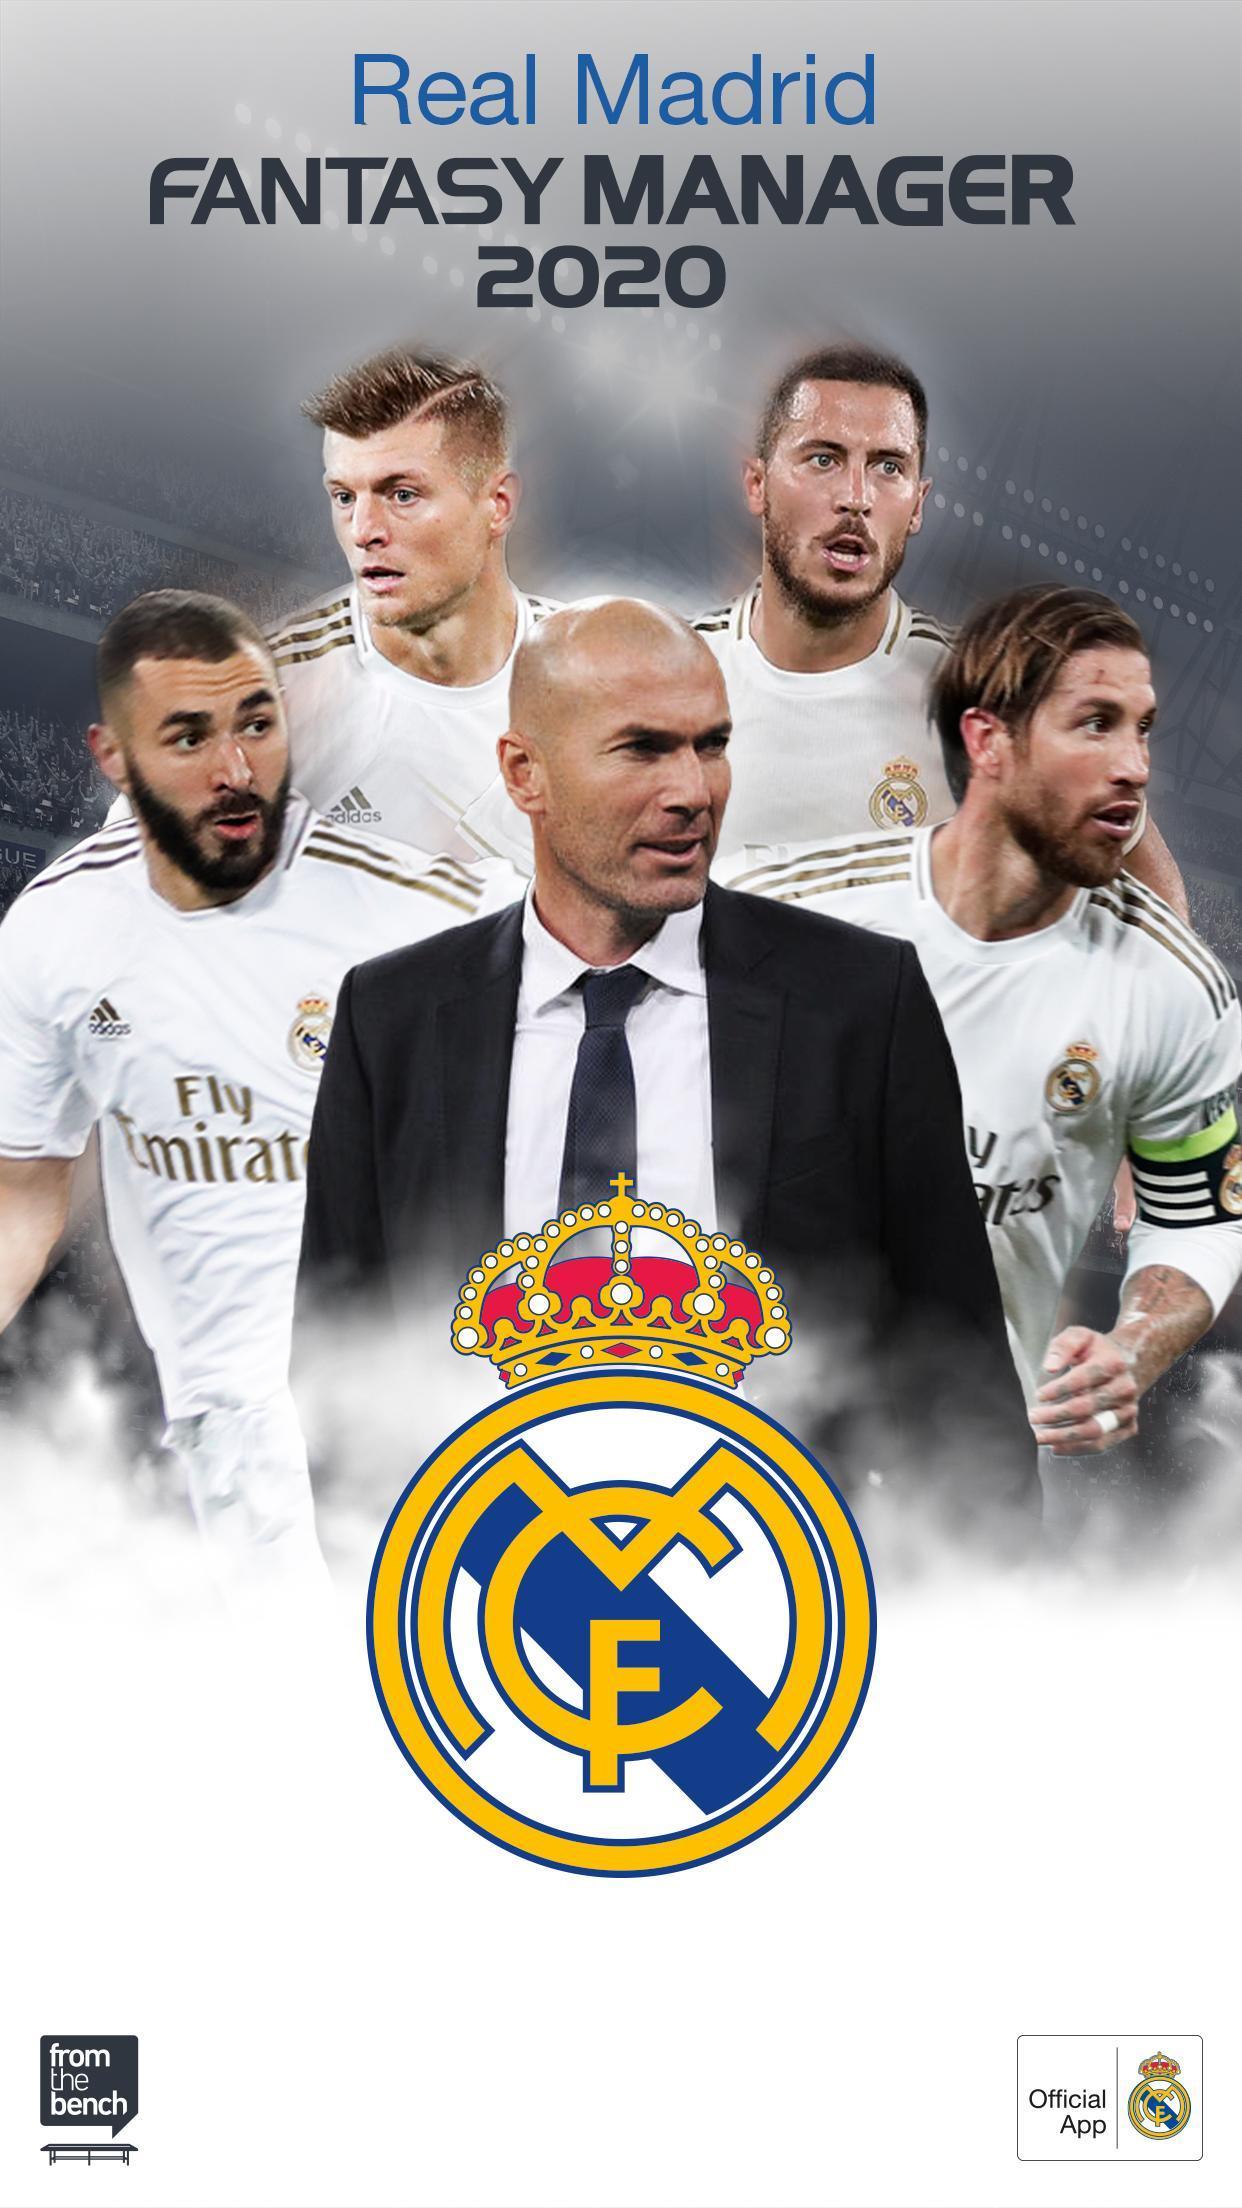 Real Madrid Fantasy Manager'20 Real football live screenshot 1